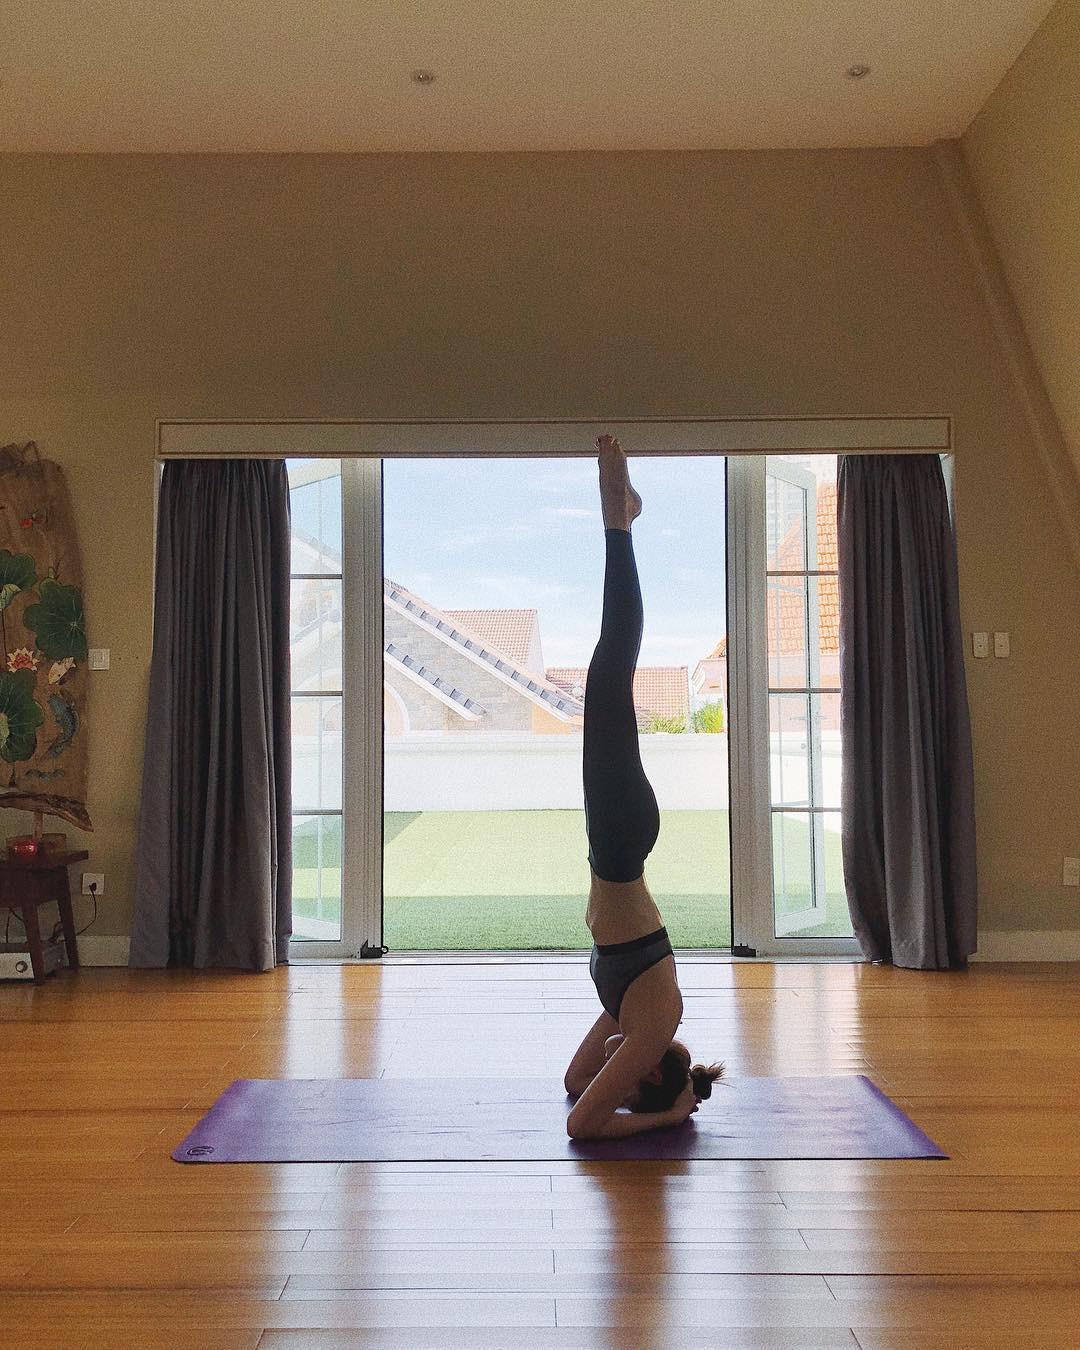 Vì sao một loạt người nổi tiếng như Lee Hyori, Goo Hara, Tăng Thanh Hà, Hồ Ngọc Hà đều tập tư thế yoga này? - Ảnh 4